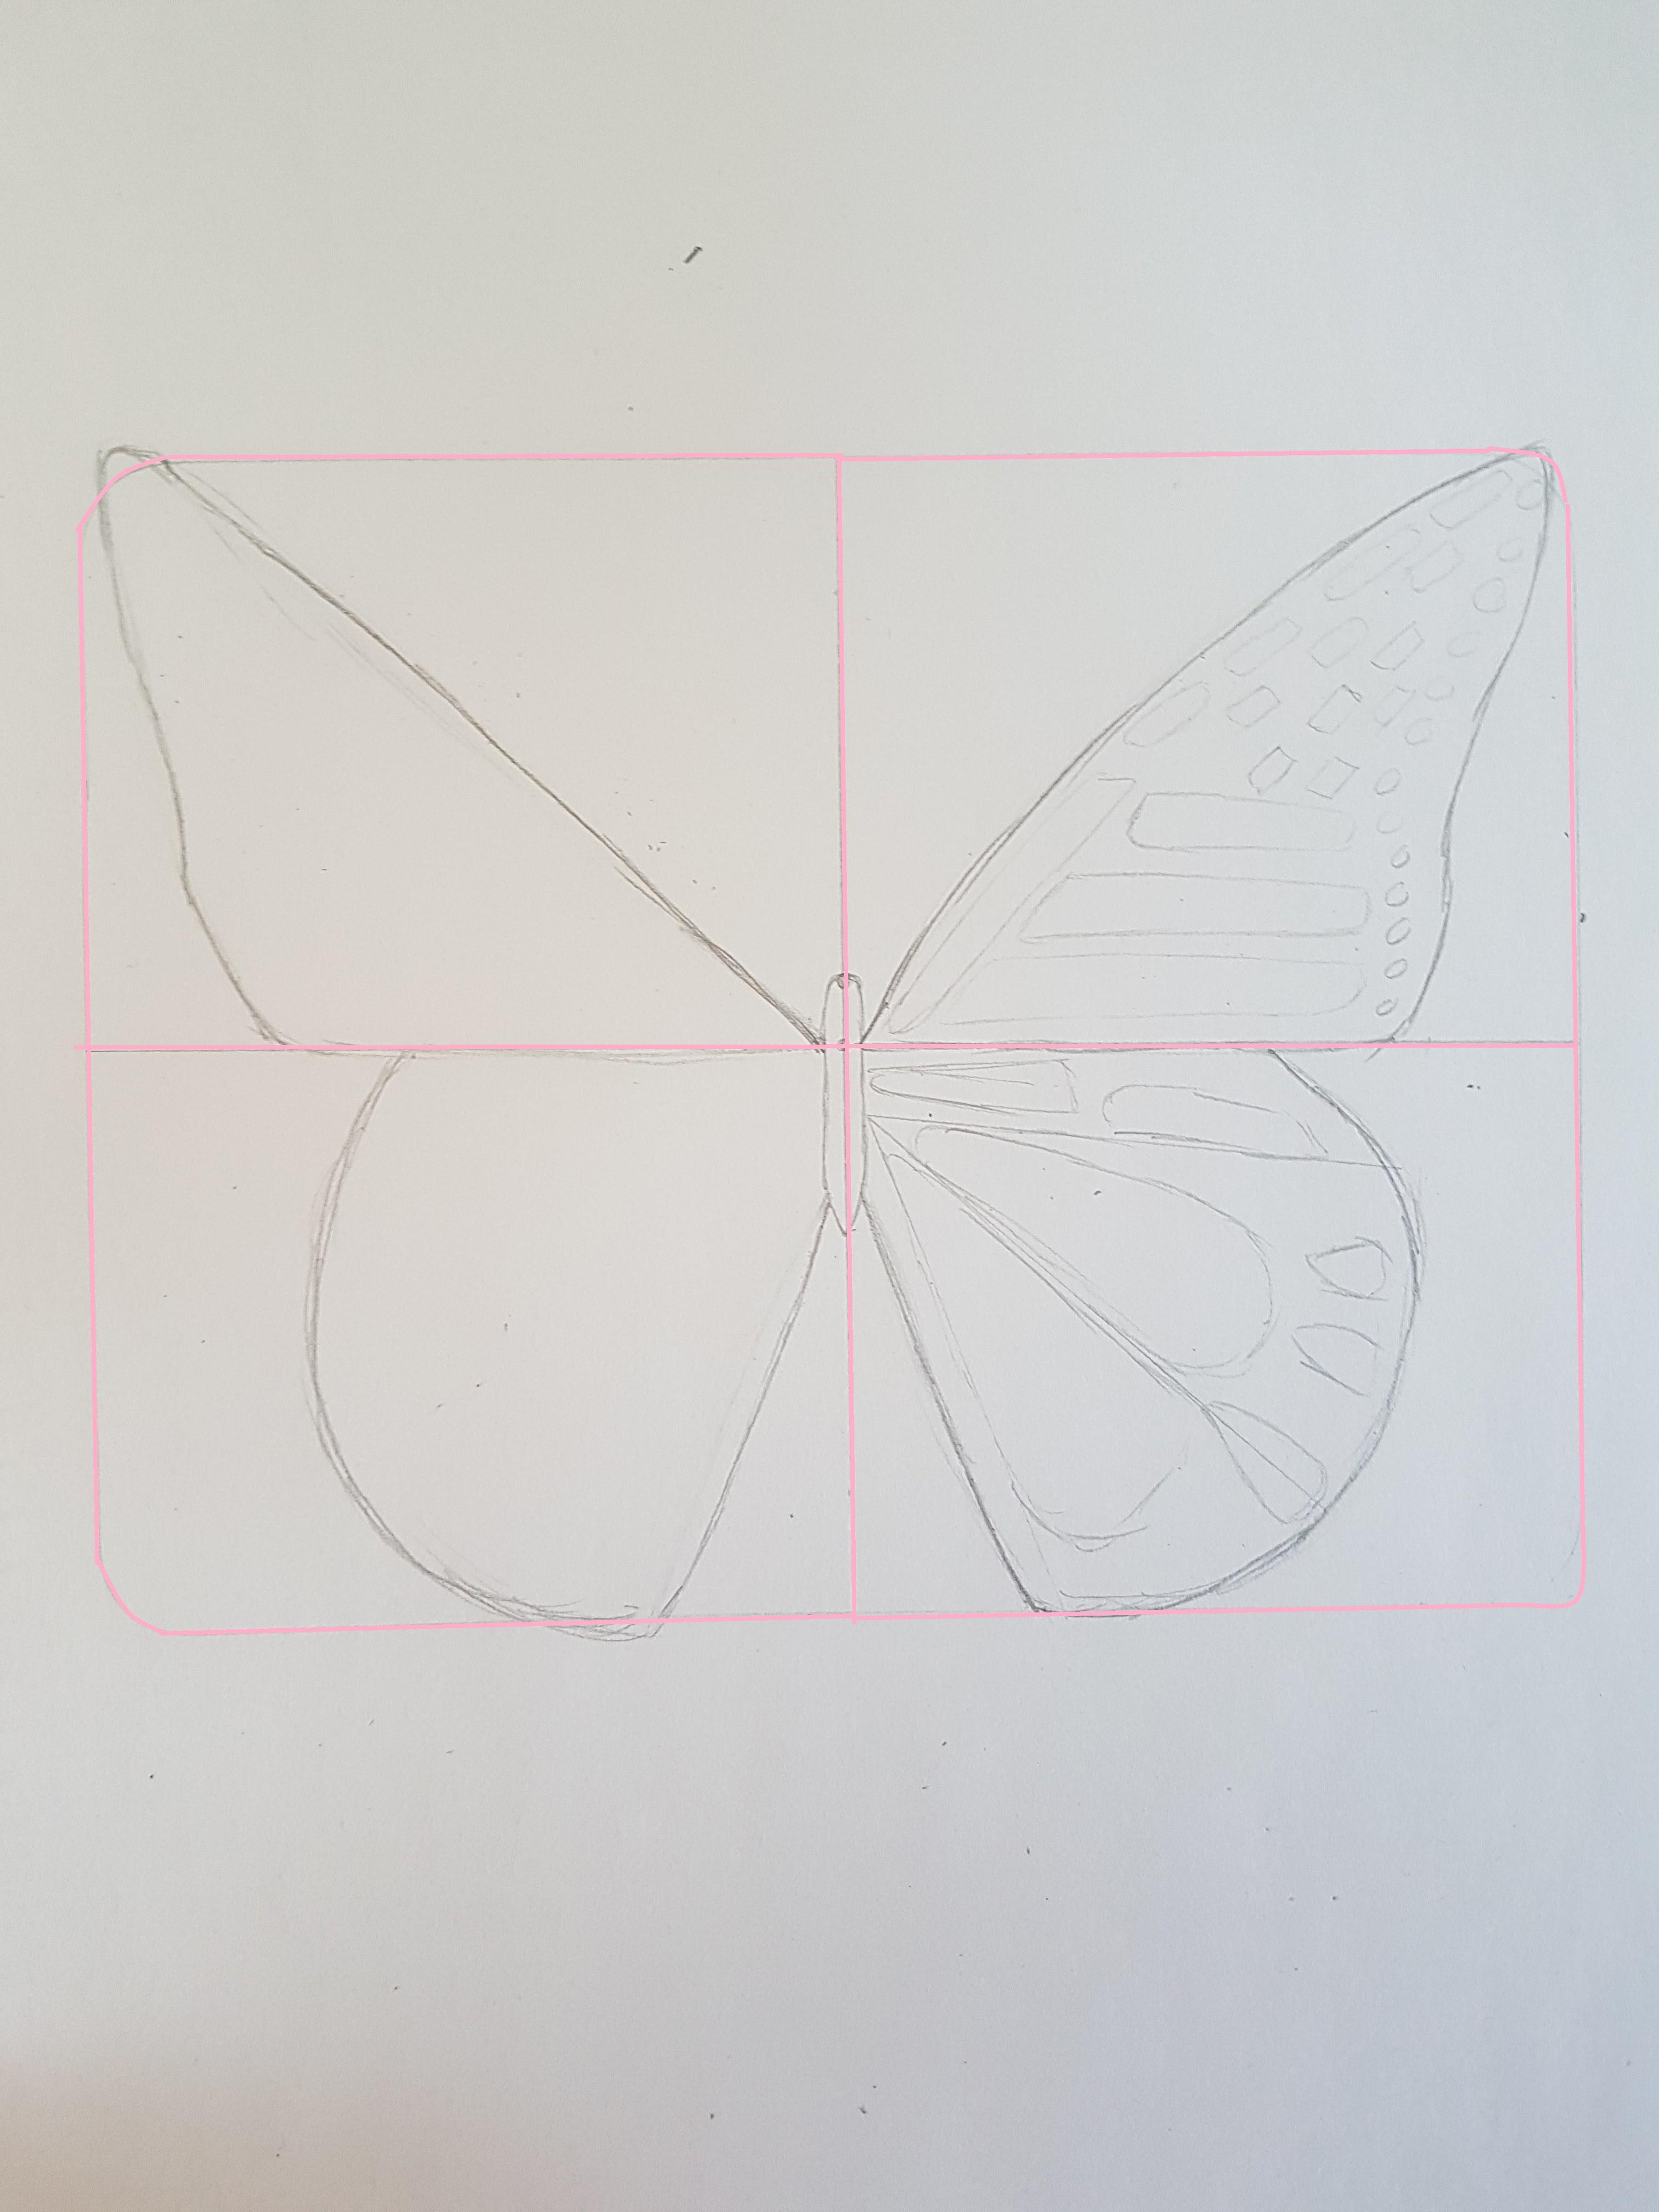 Populair Stap Voor Stap Een Vlinder Leren Tekenen - Nikki Style #XV76